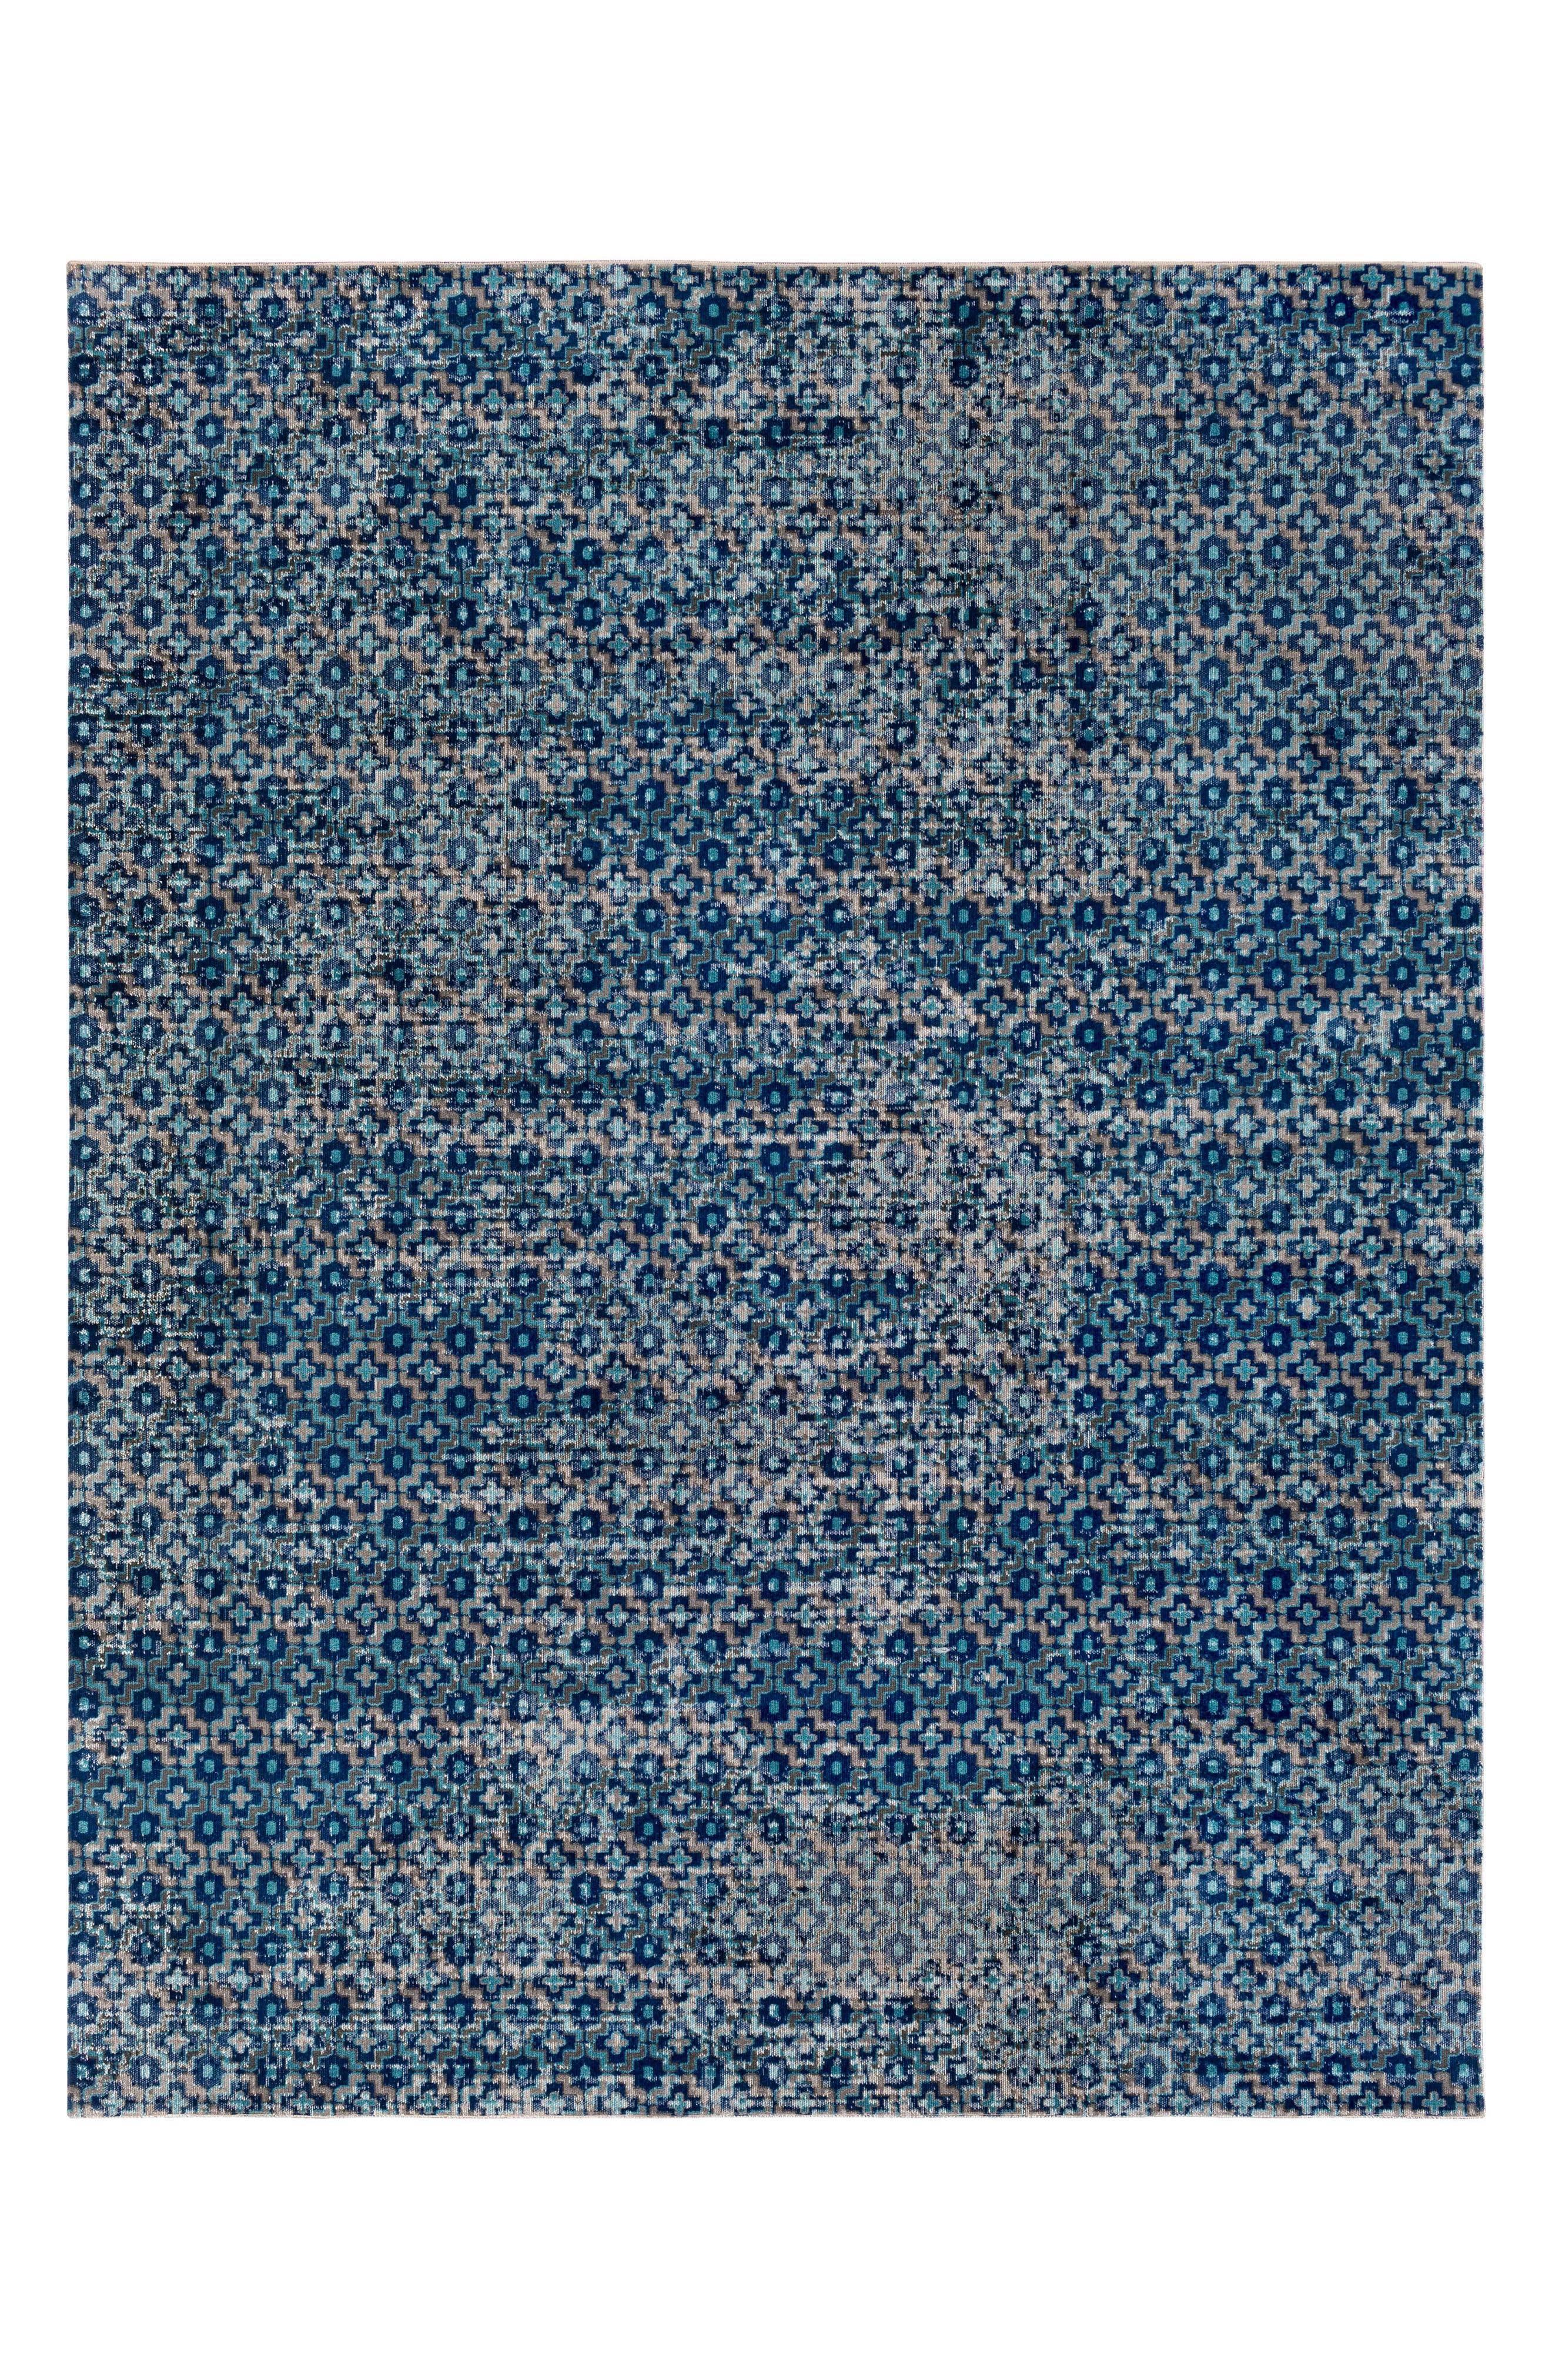 Tessera Antique Rug,                         Main,                         color, 415